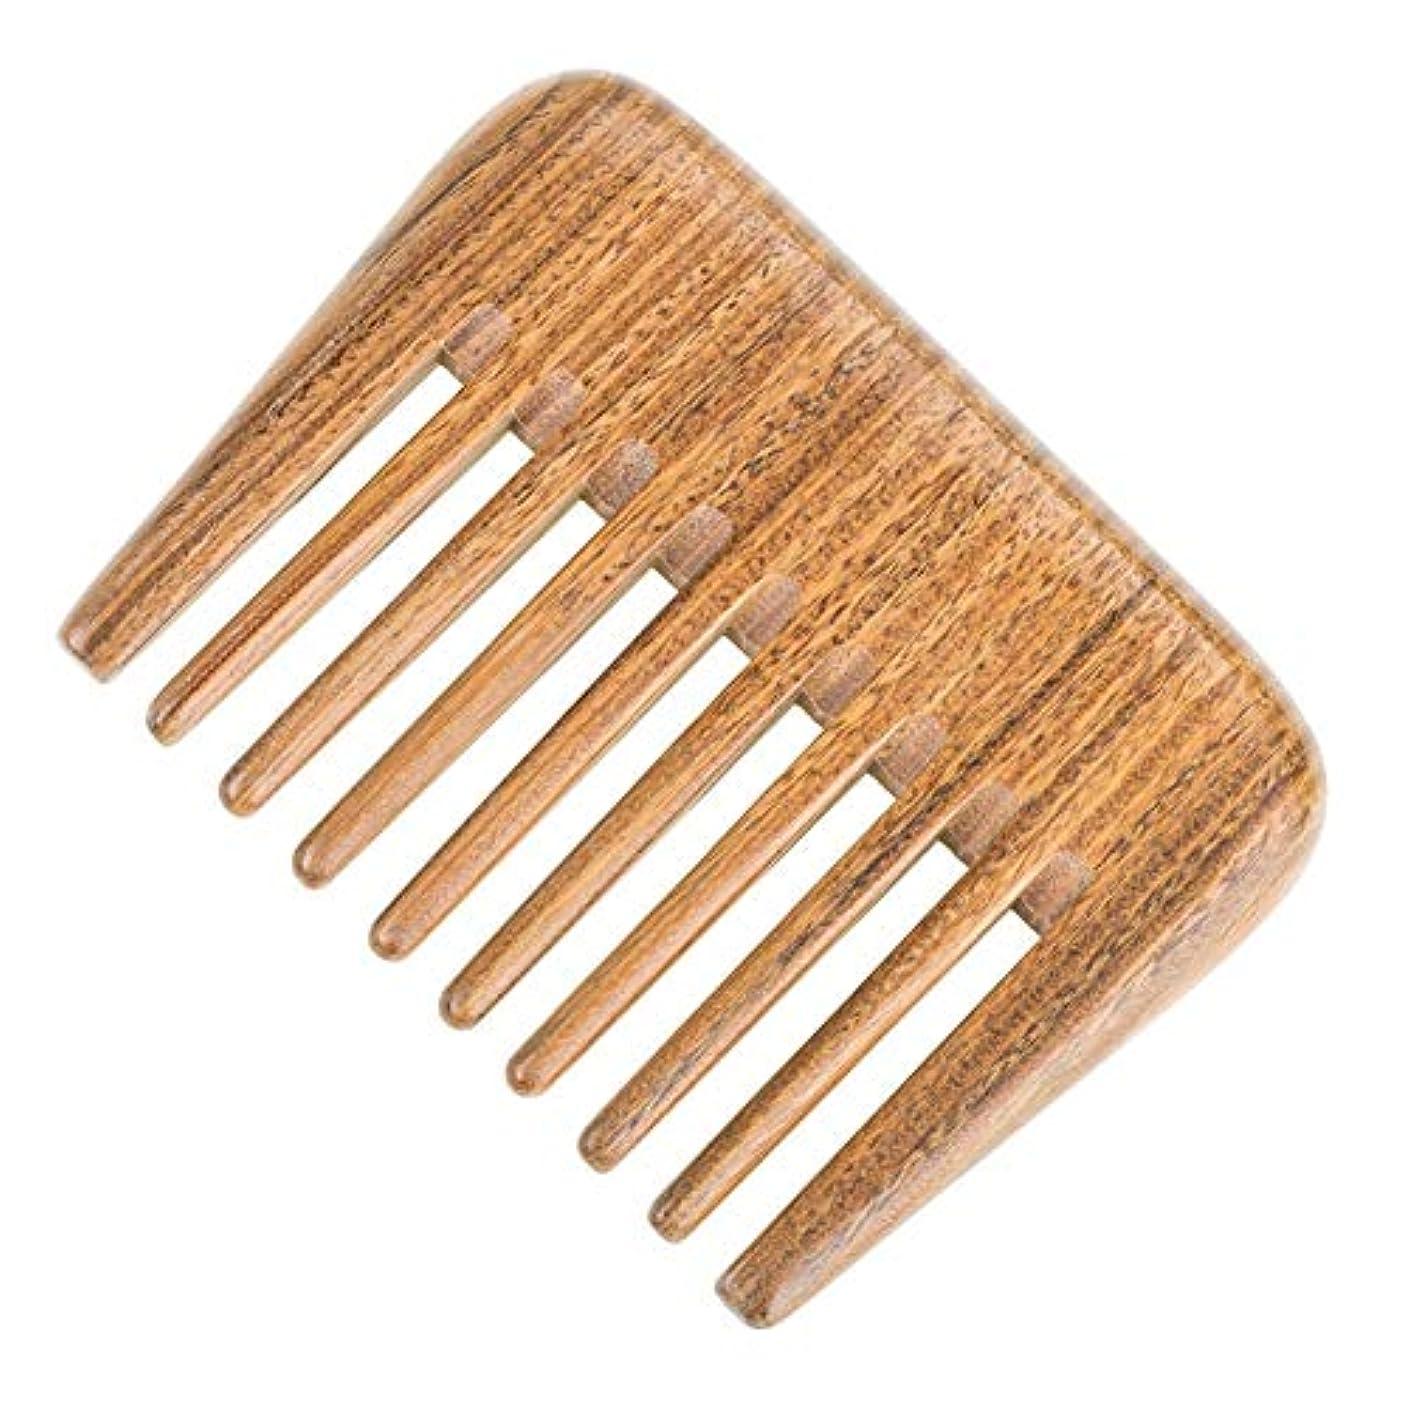 社会主義者金銭的悪性のGuomao 巻き毛のもつれを解くためのナチュラルグリーンビャクダンの毛の櫛の木製の櫛(広い歯) (Size : 10*7.5 cm)